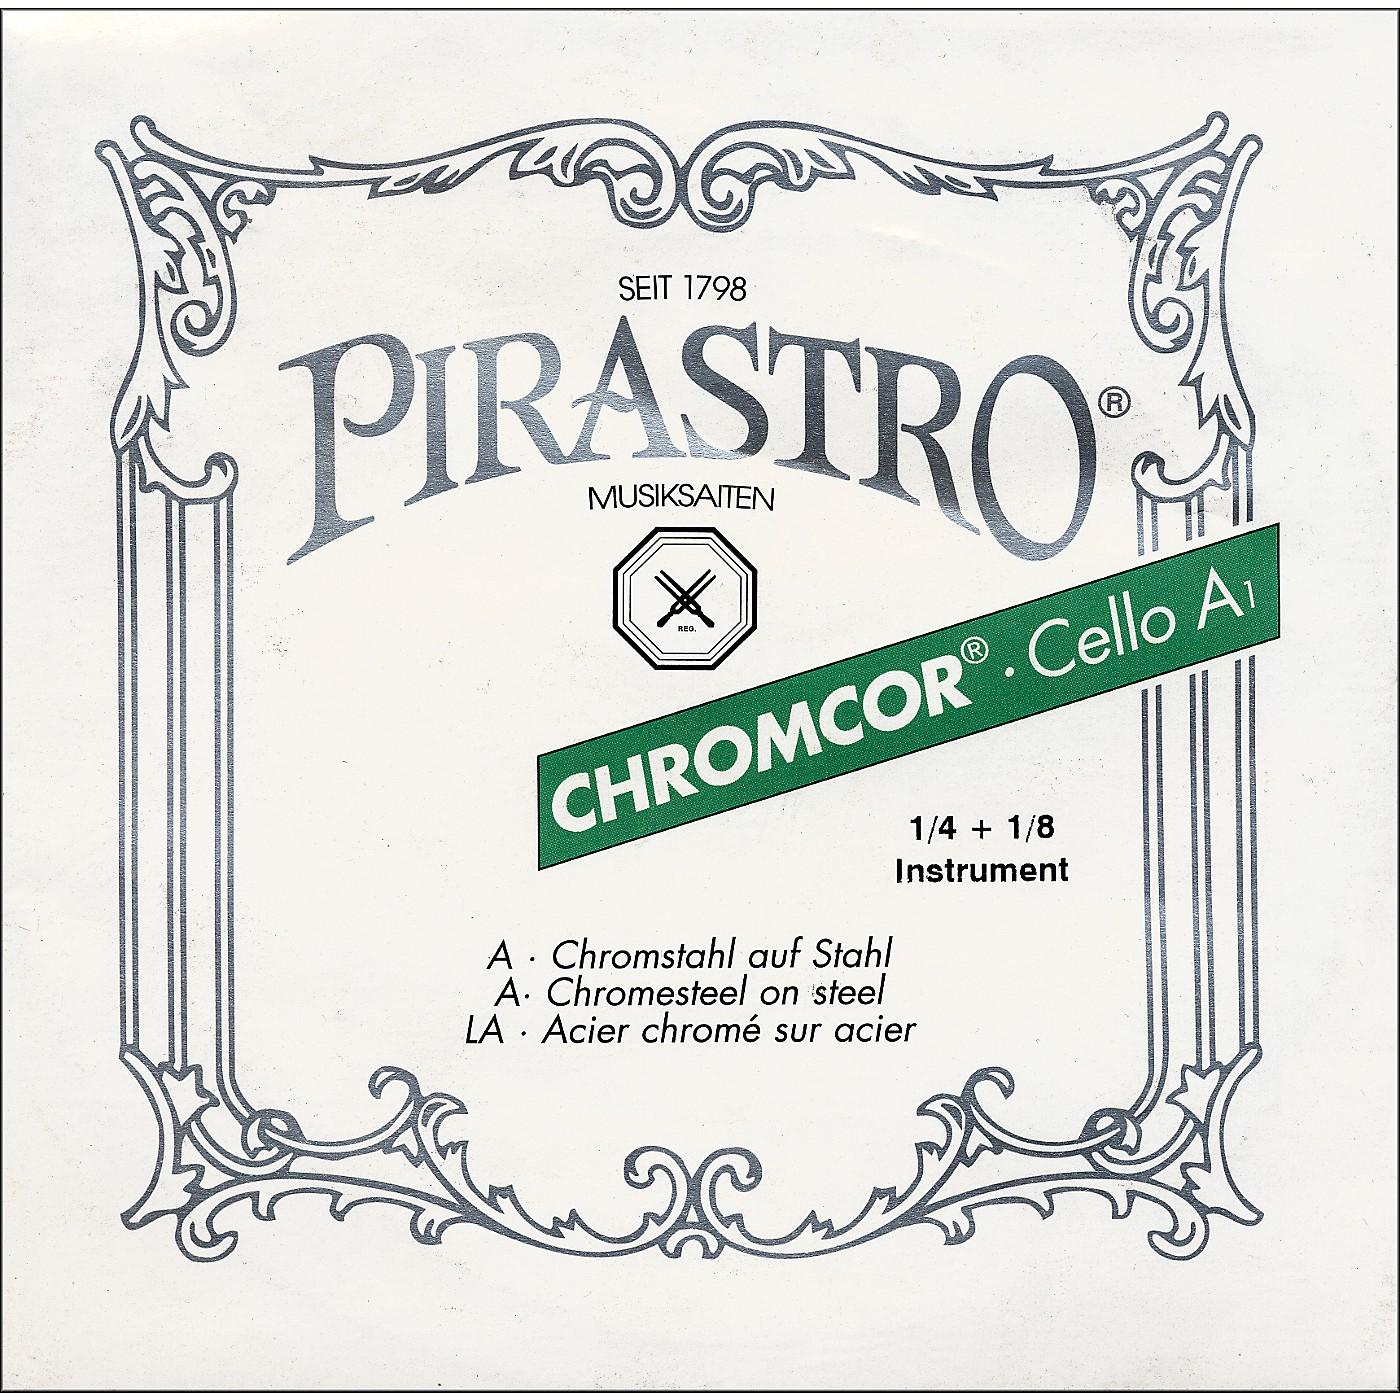 Pirastro Chromcor Series Cello C String thumbnail